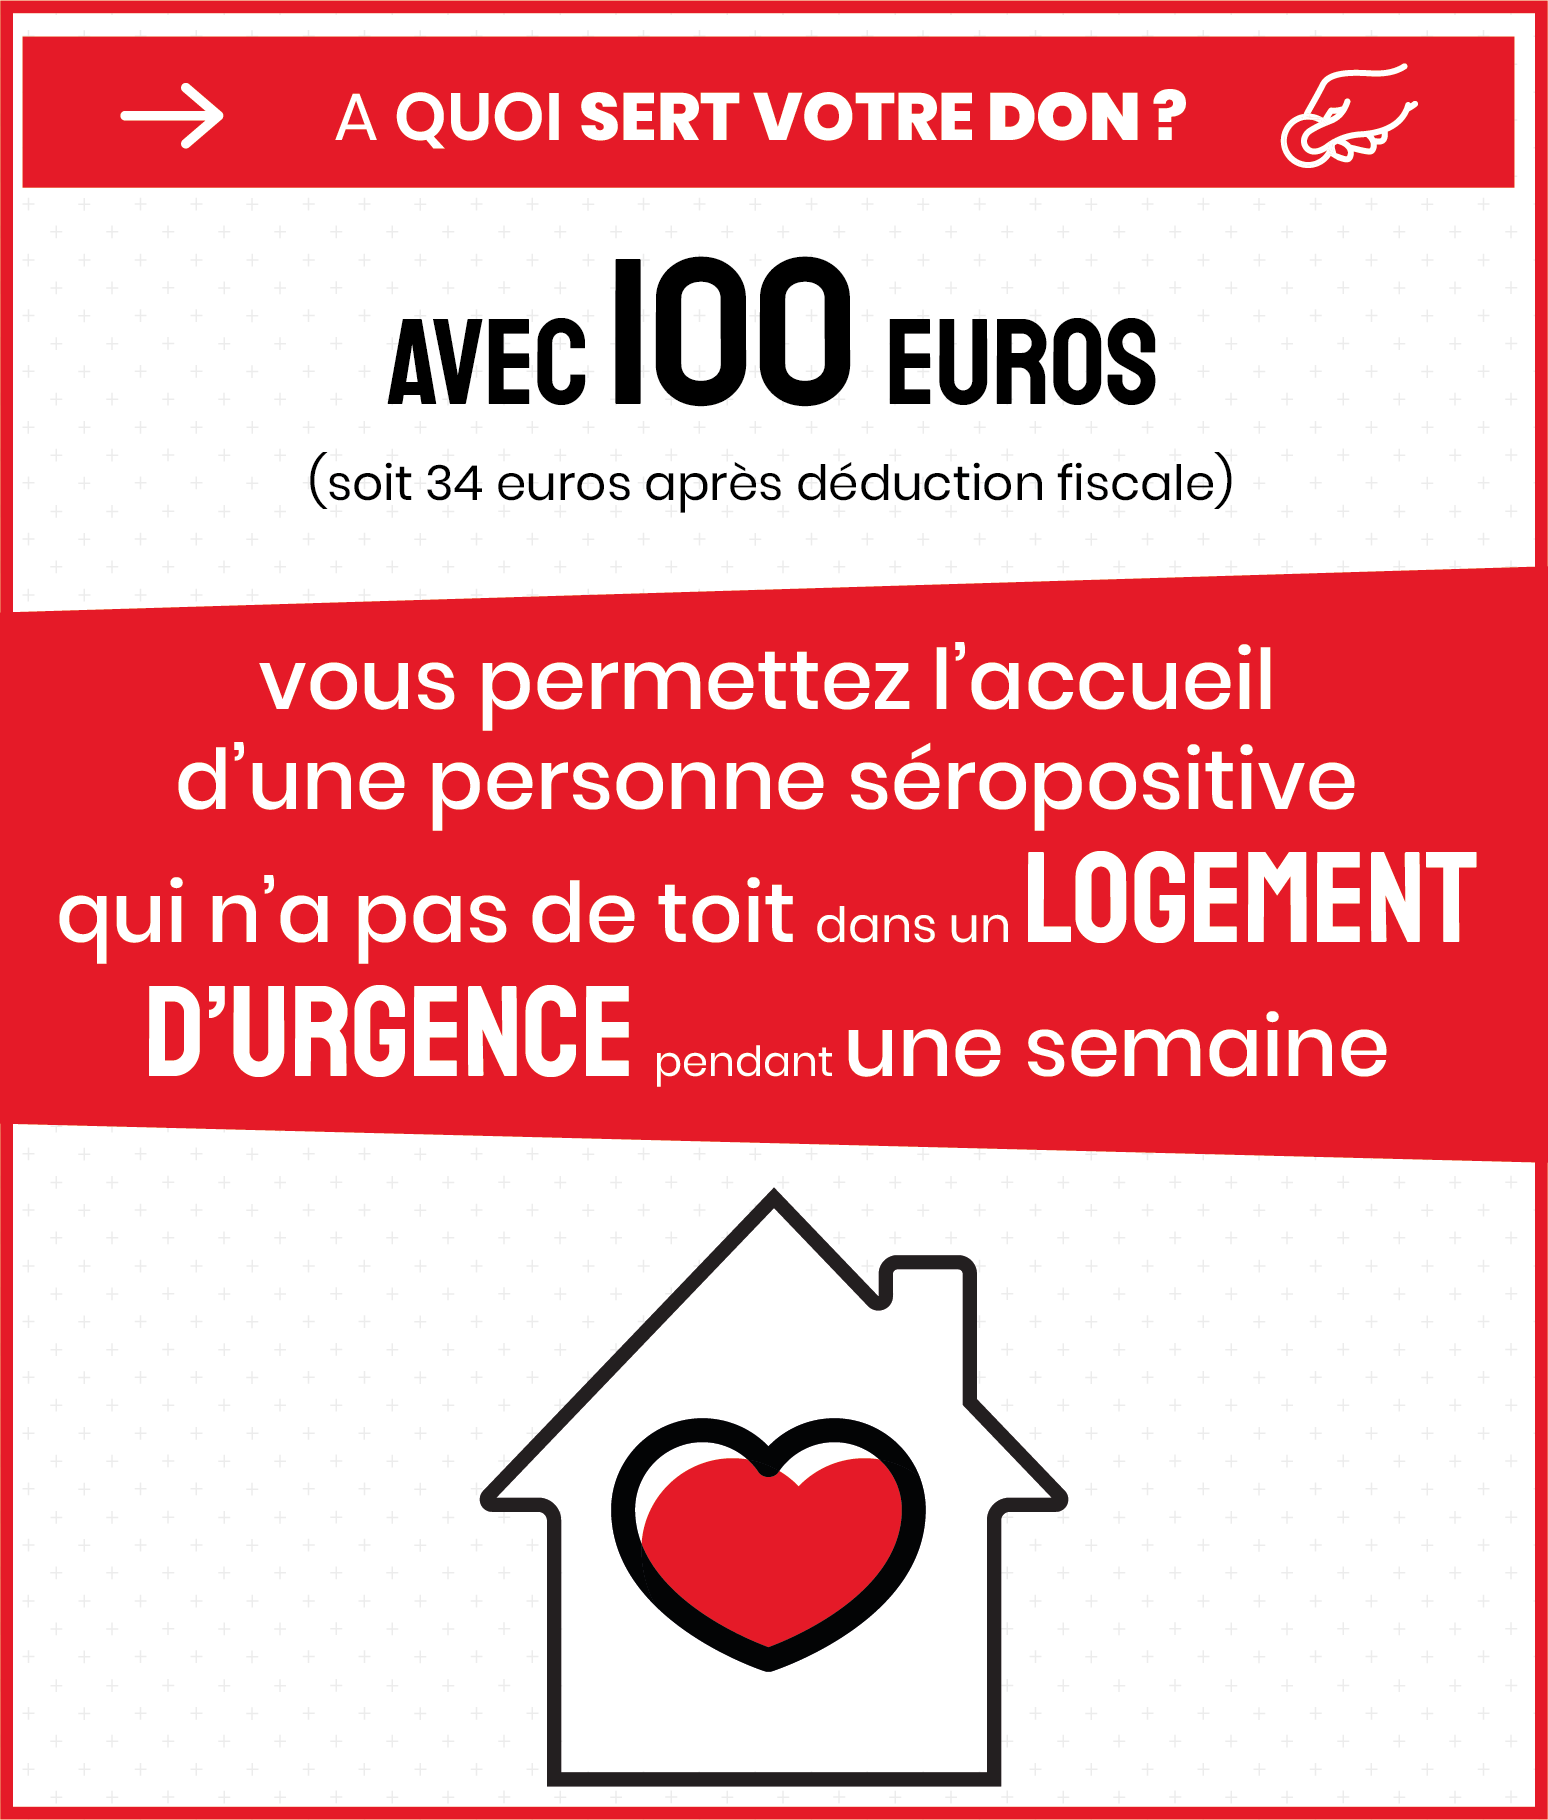 A quoi sert votre don ? Avec 100€, vous permettez l'accueil d'une personne séropositive dans un logement d'urgence